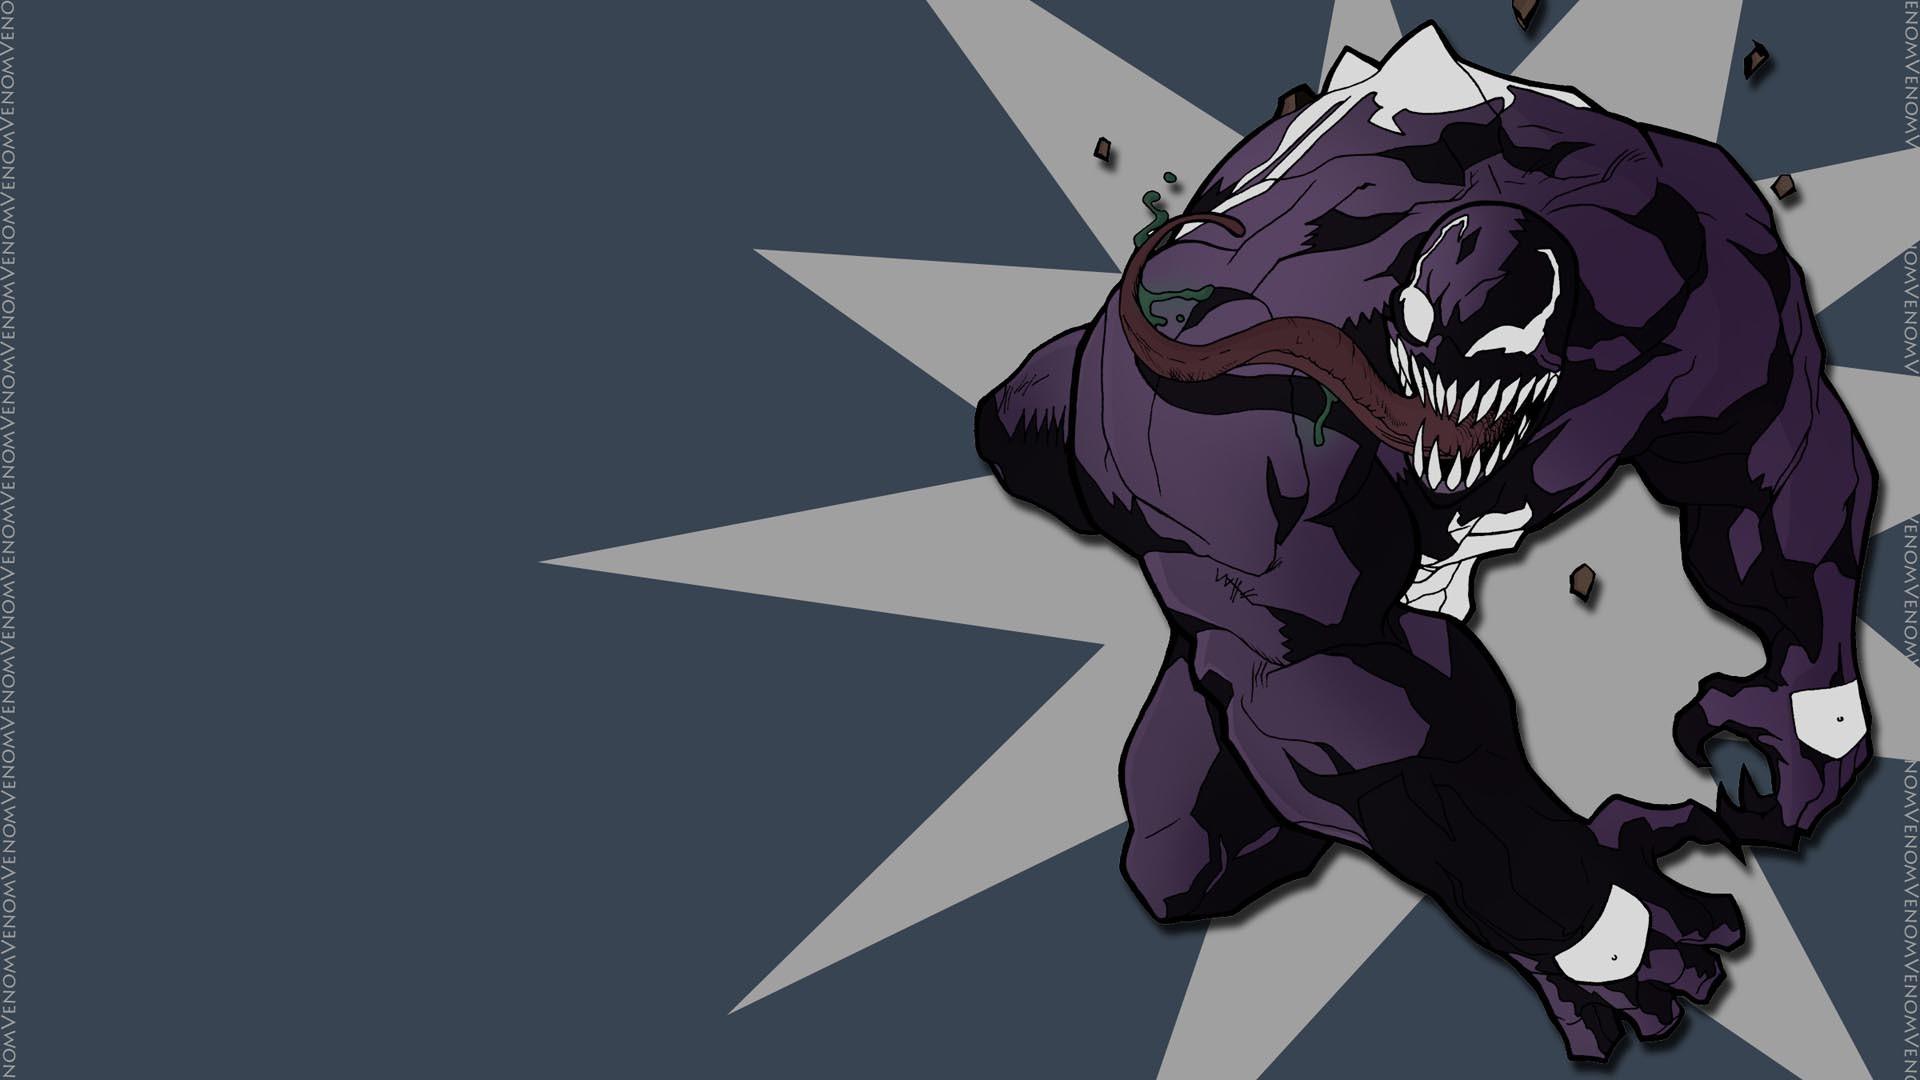 Venom Iphone Wallpaper 63 Images